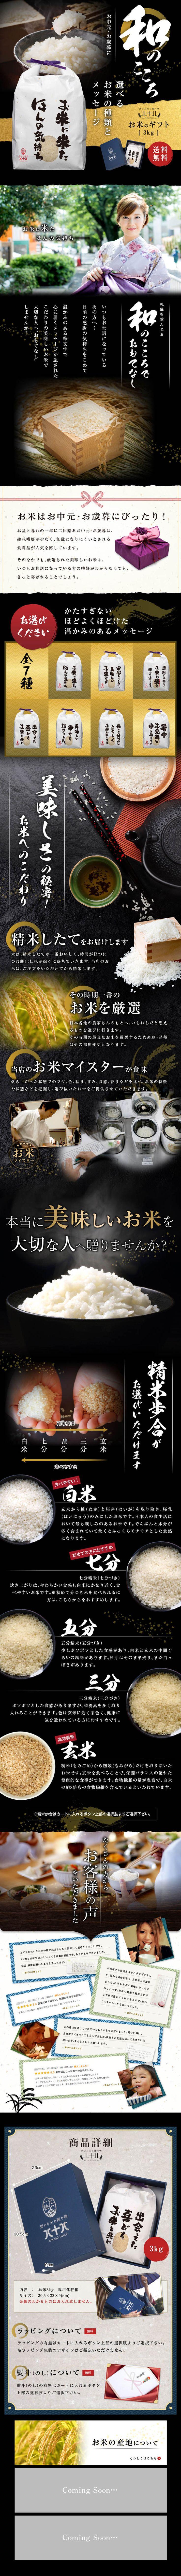 お中元・お歳暮 お米のギフト